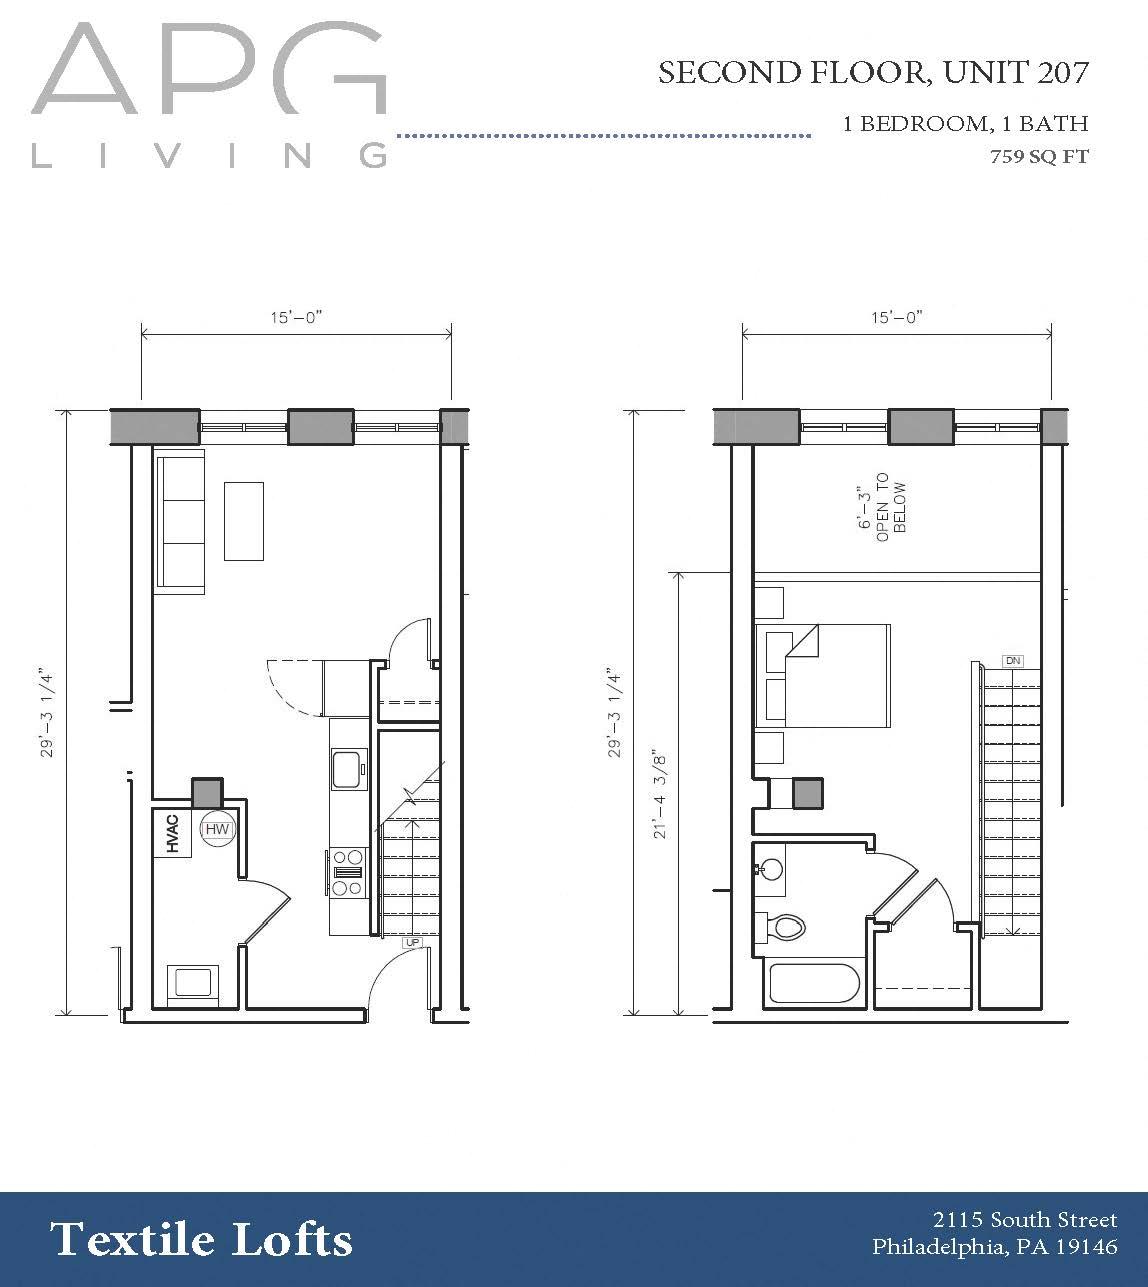 The Textile Lofts Floor Plans